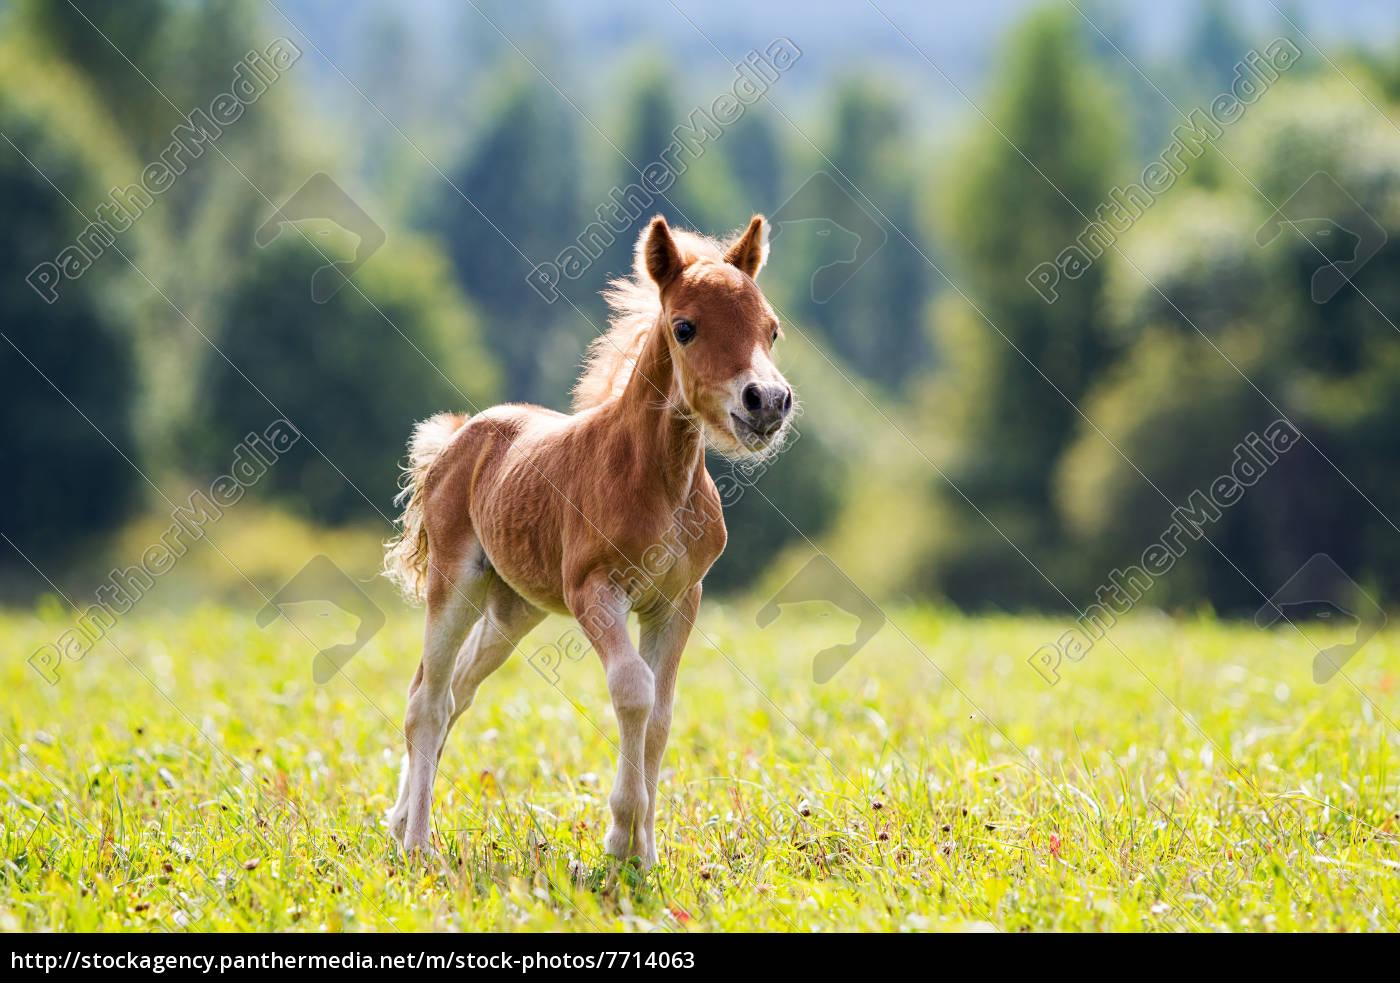 natur wasser sommer tier see pferd frei sommerlich lizenzfreies bild 7714063 bildagentur. Black Bedroom Furniture Sets. Home Design Ideas